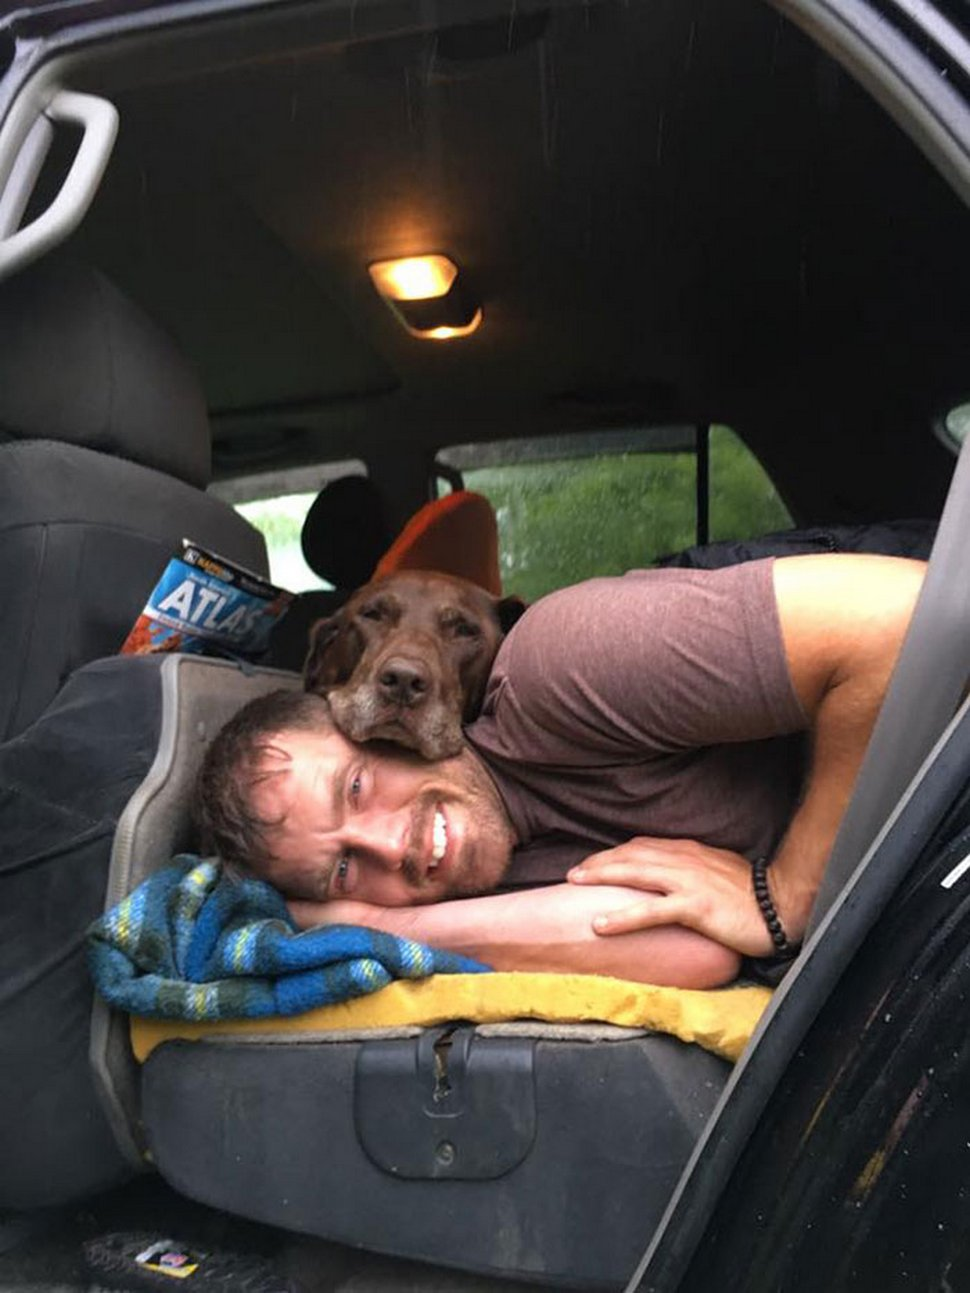 Après qu'une chienne a reçu un diagnostic de cancer, son propriétaire l'a emmenée faire un dernier voyage en voiture épique